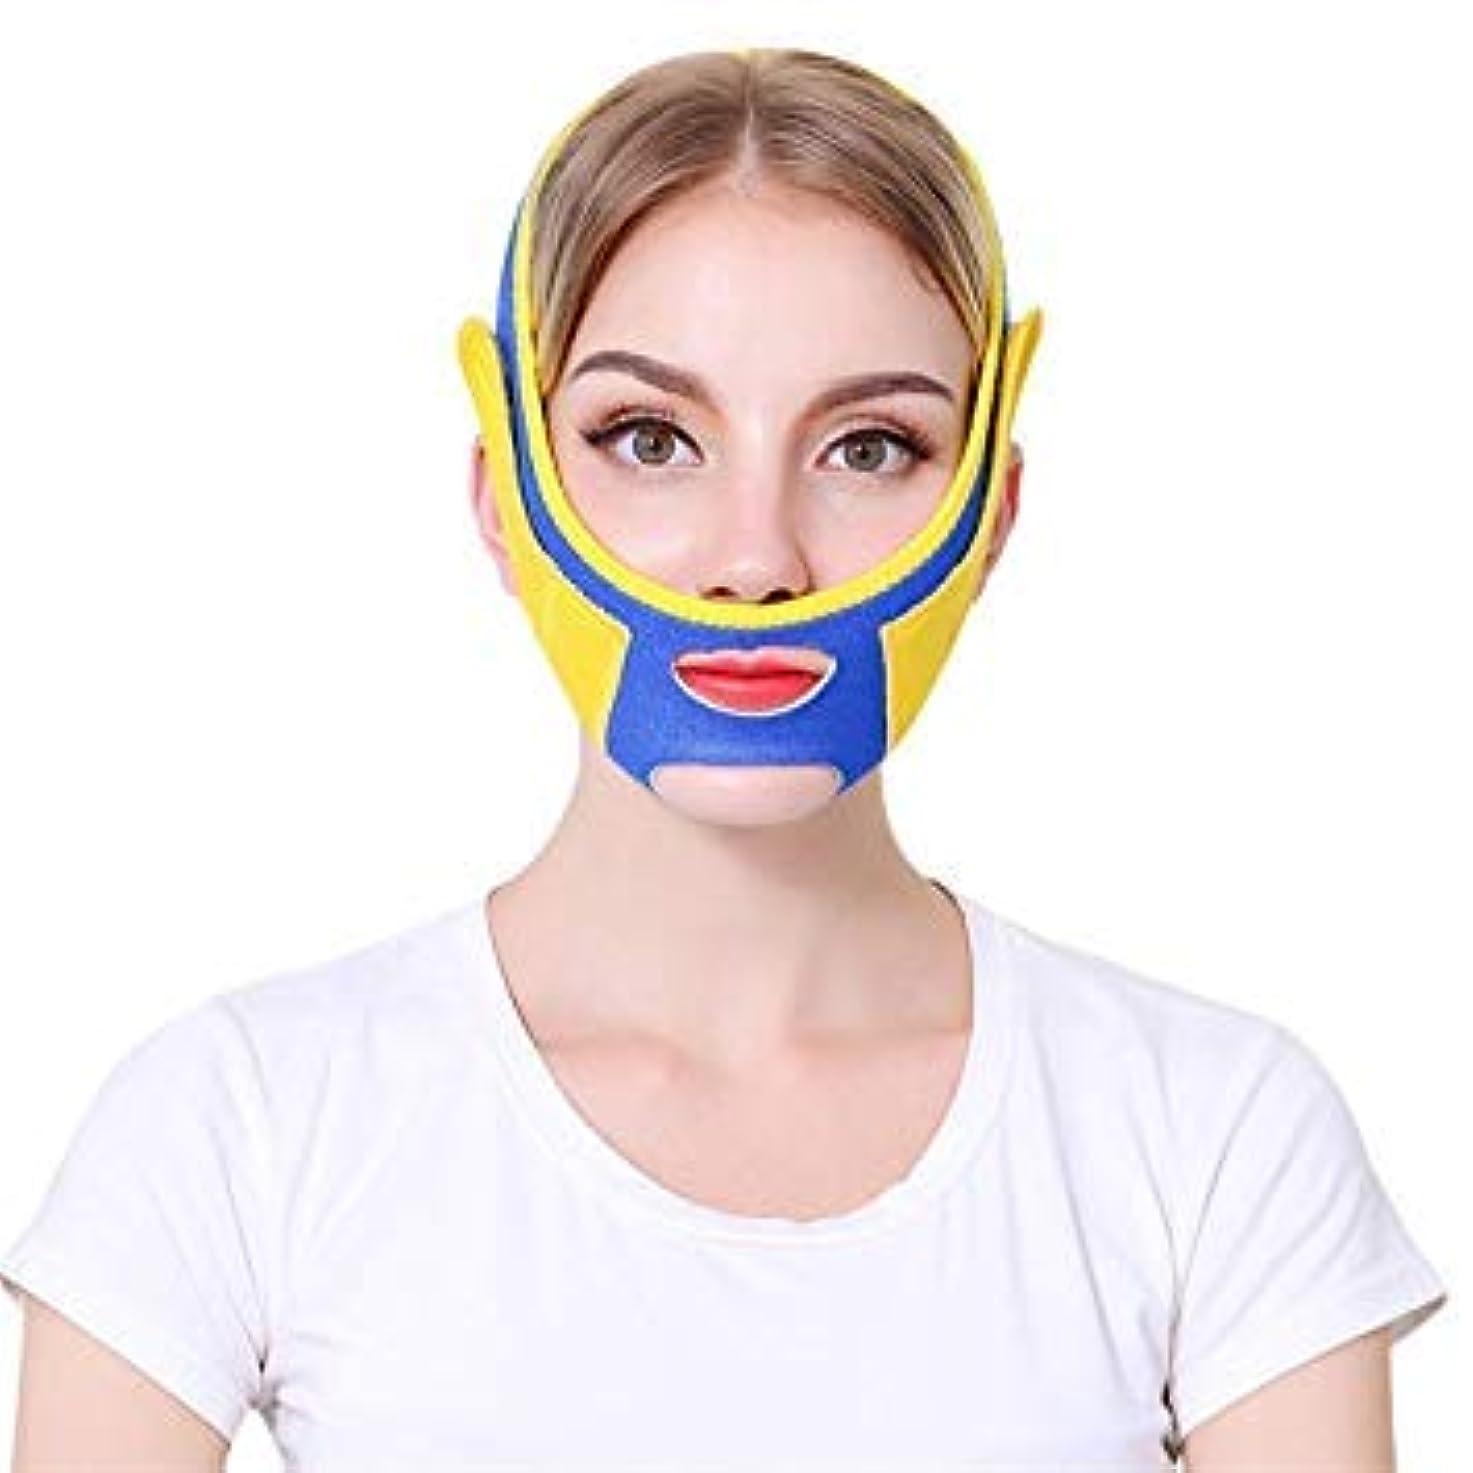 だらしない共役小切手顔のリフティングスリムウエストバンド、頬のV字型リフティング薄型マスク、滑らかで通気性のあるコンプレッションダブルあご付きで包帯を減らし、フェイスリフト/スリミング/スリープフェイス/マスクで体重を減らします (blue)